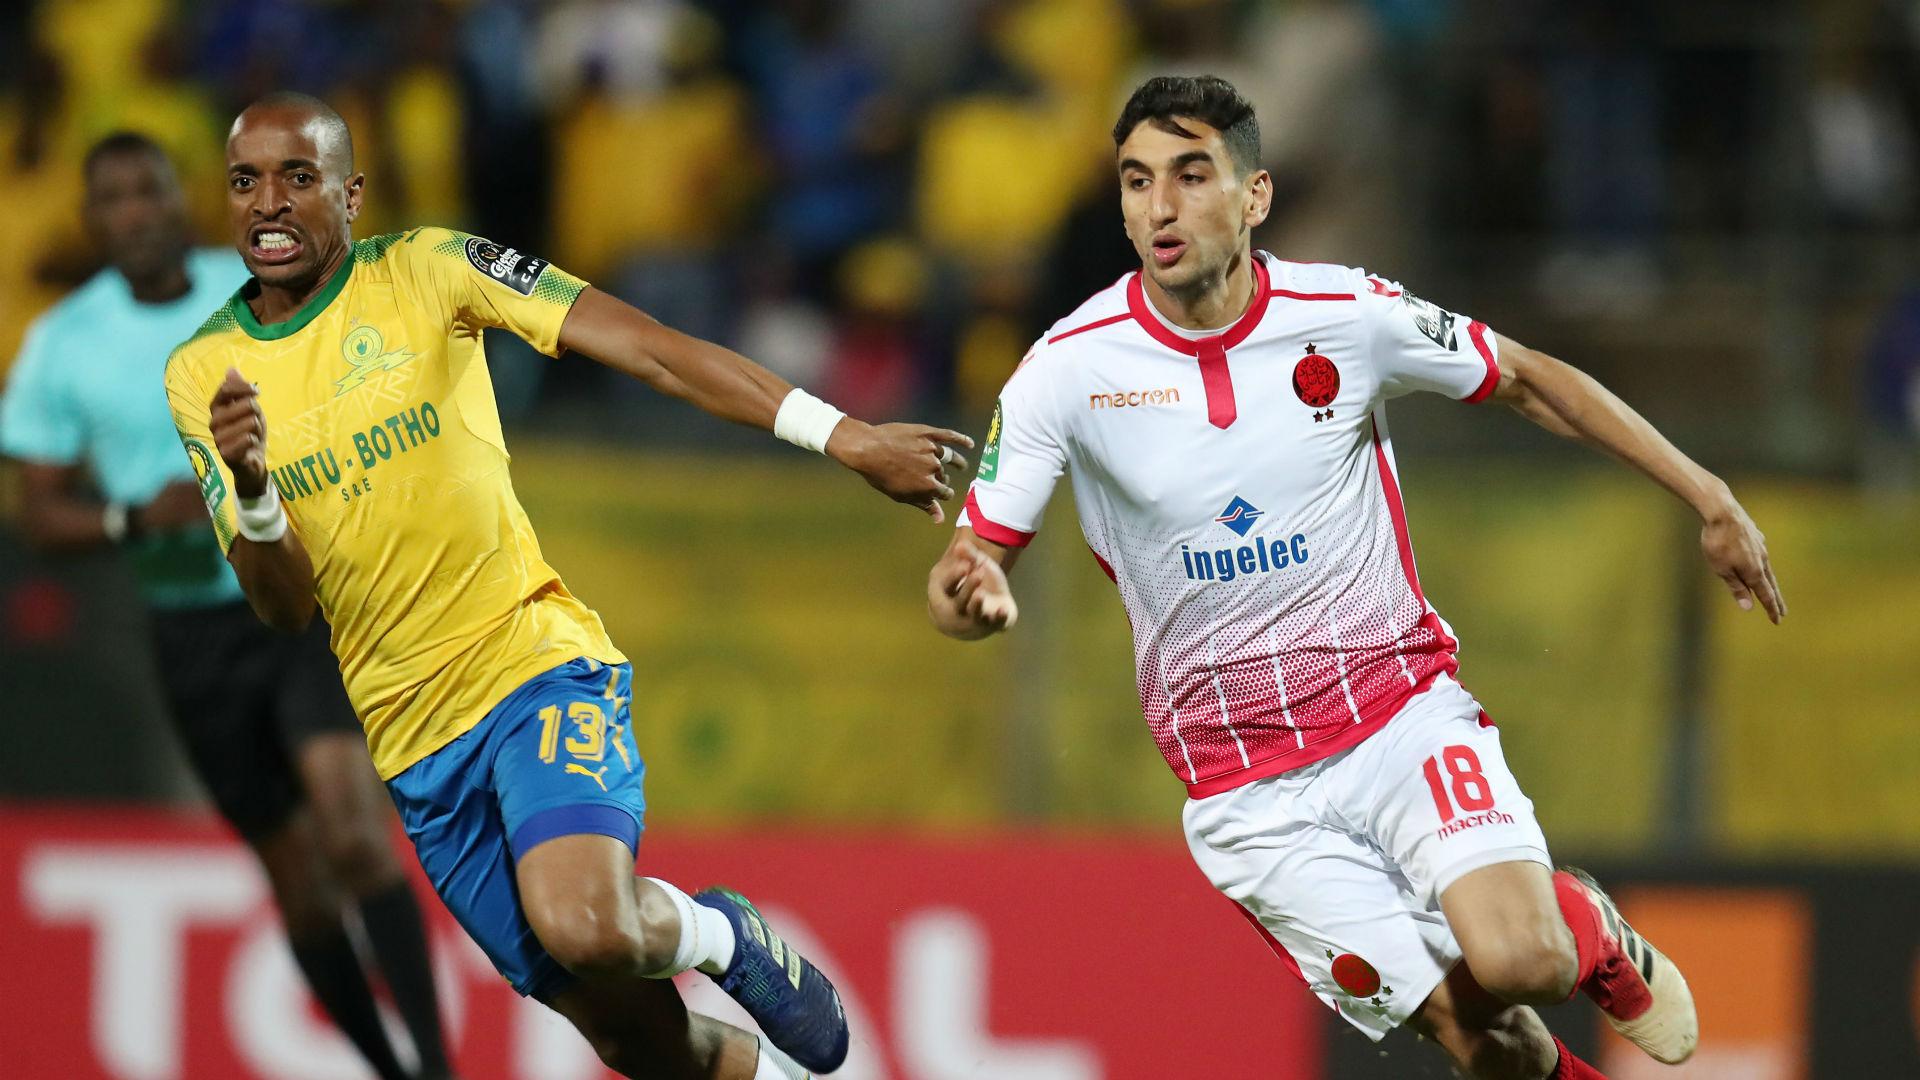 """رسميا: """"الكاف"""" يكشف عن حكام نهائي دوري أبطال أفريقيا بين الوداد و الترجي التونسي"""